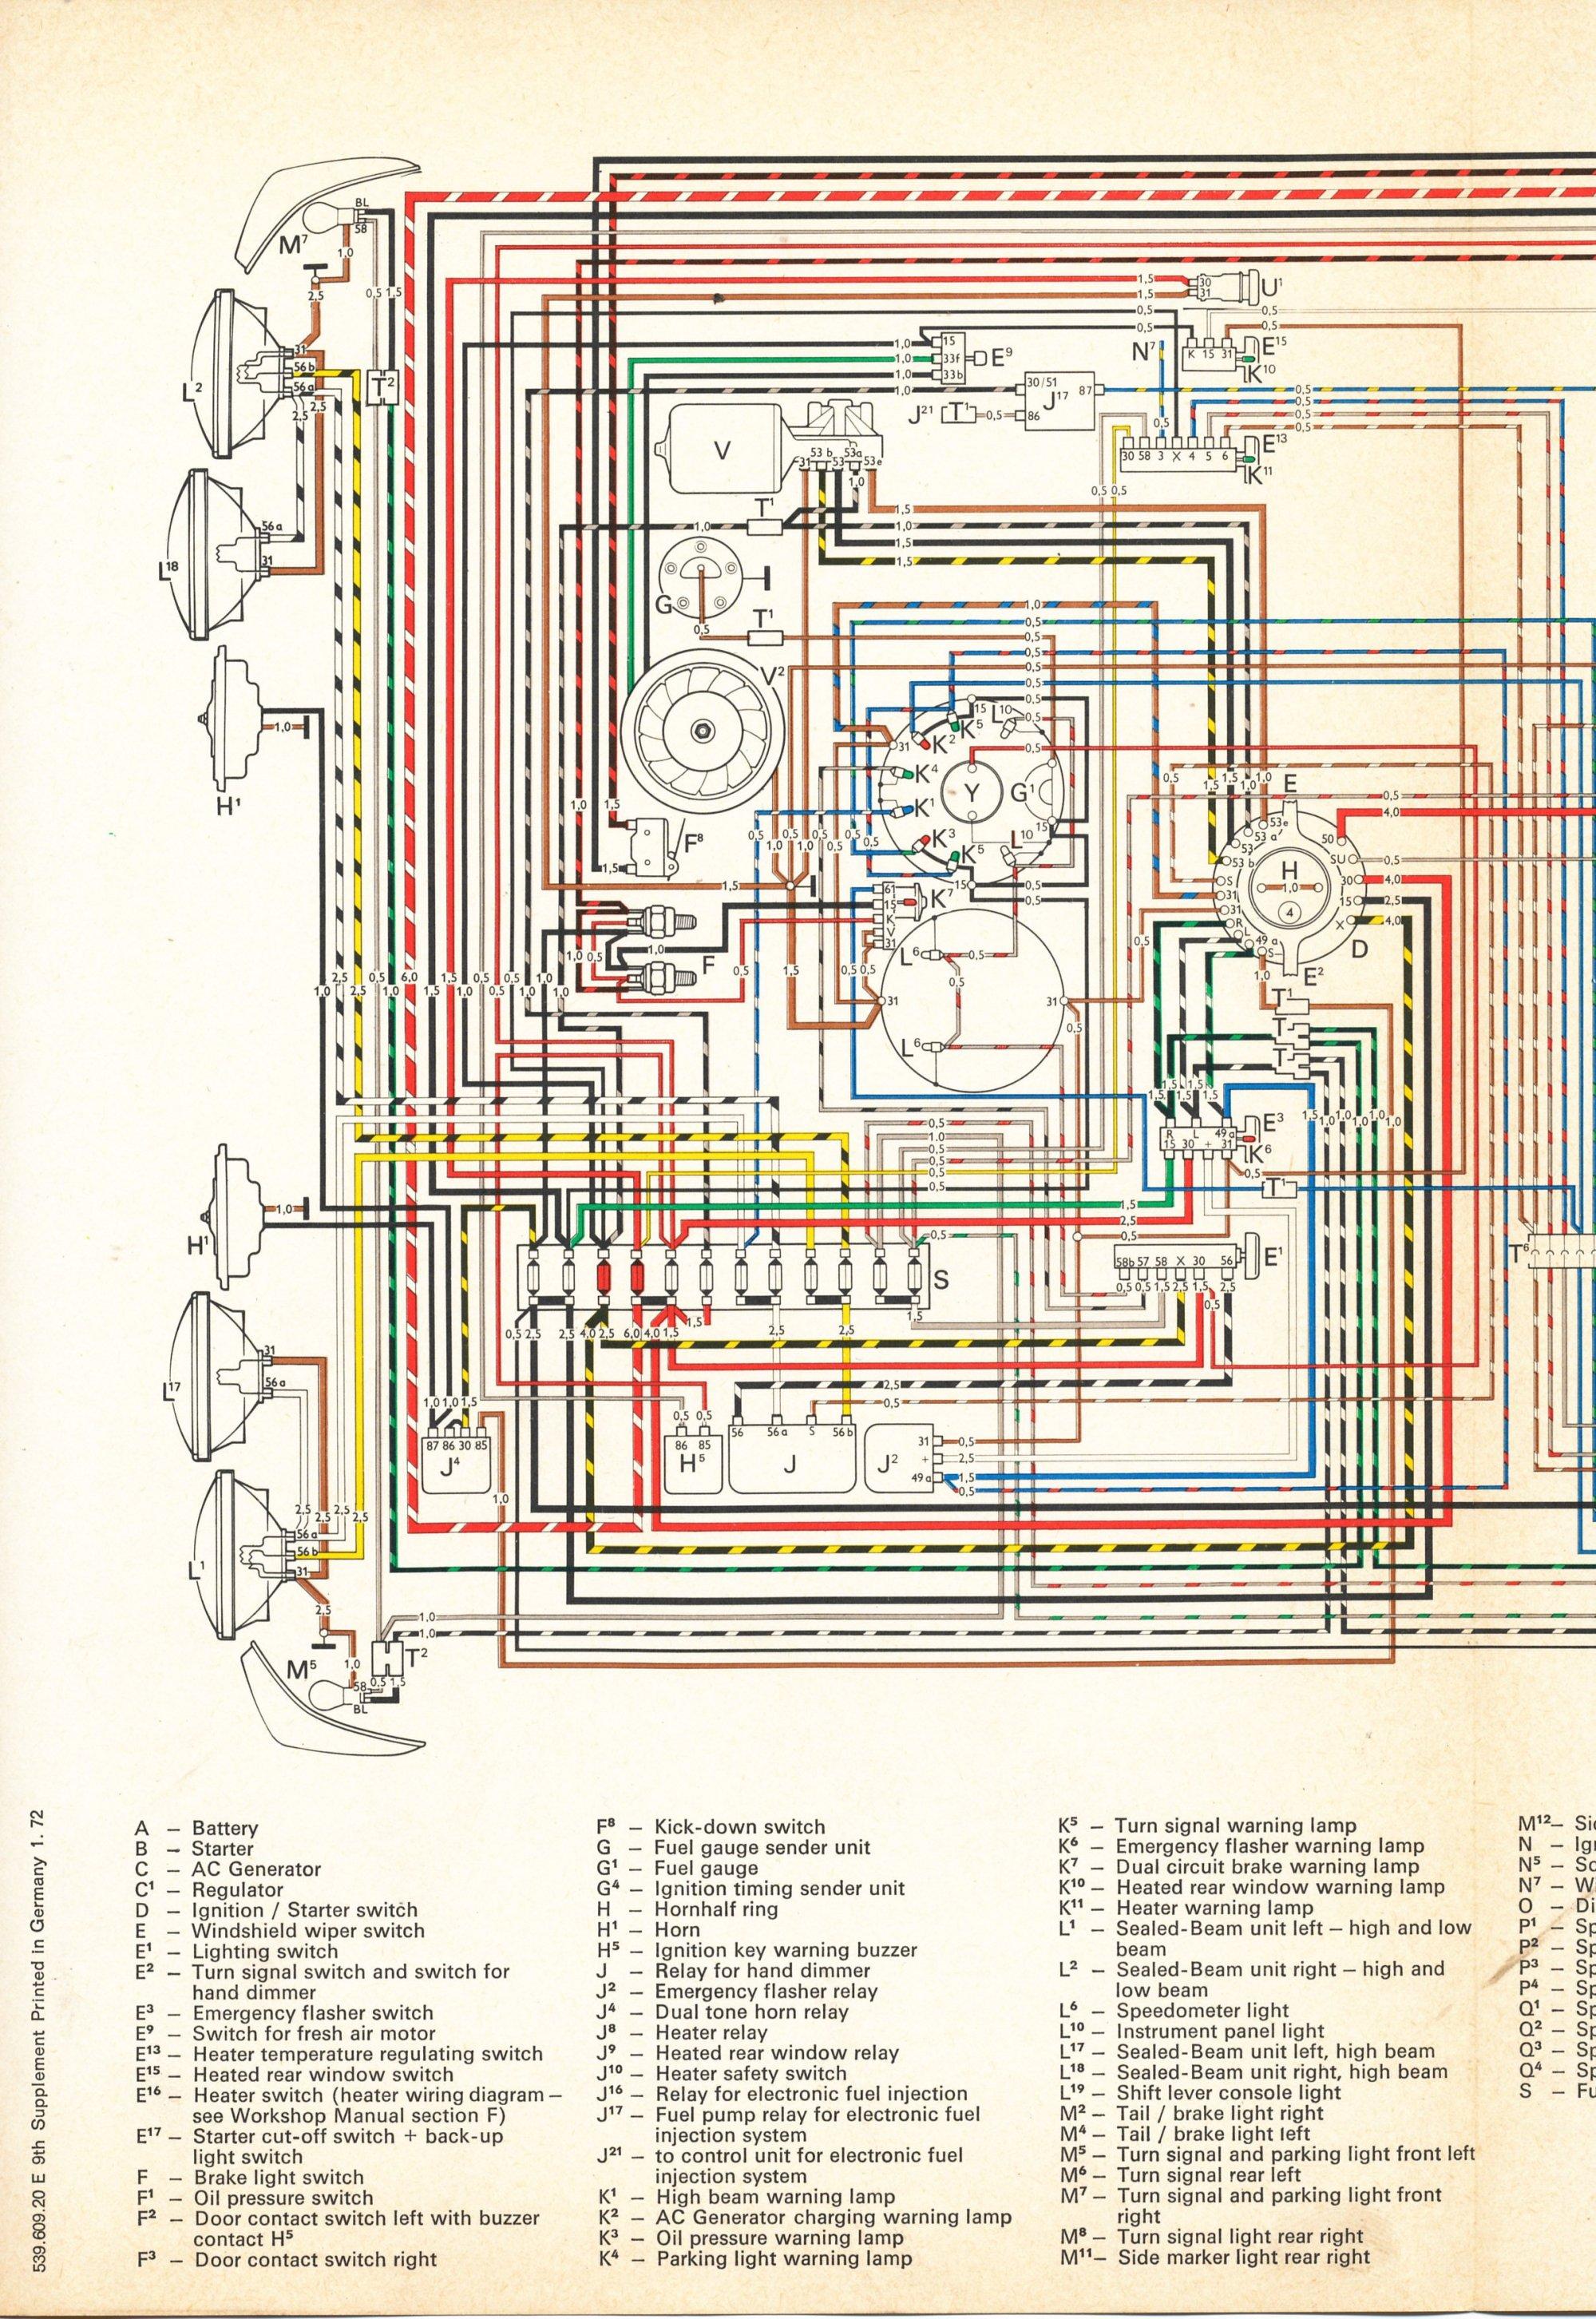 hight resolution of 110v pump wiring diagram wiring diagram110v pump wiring diagram best wiring library110v pump wiring diagram